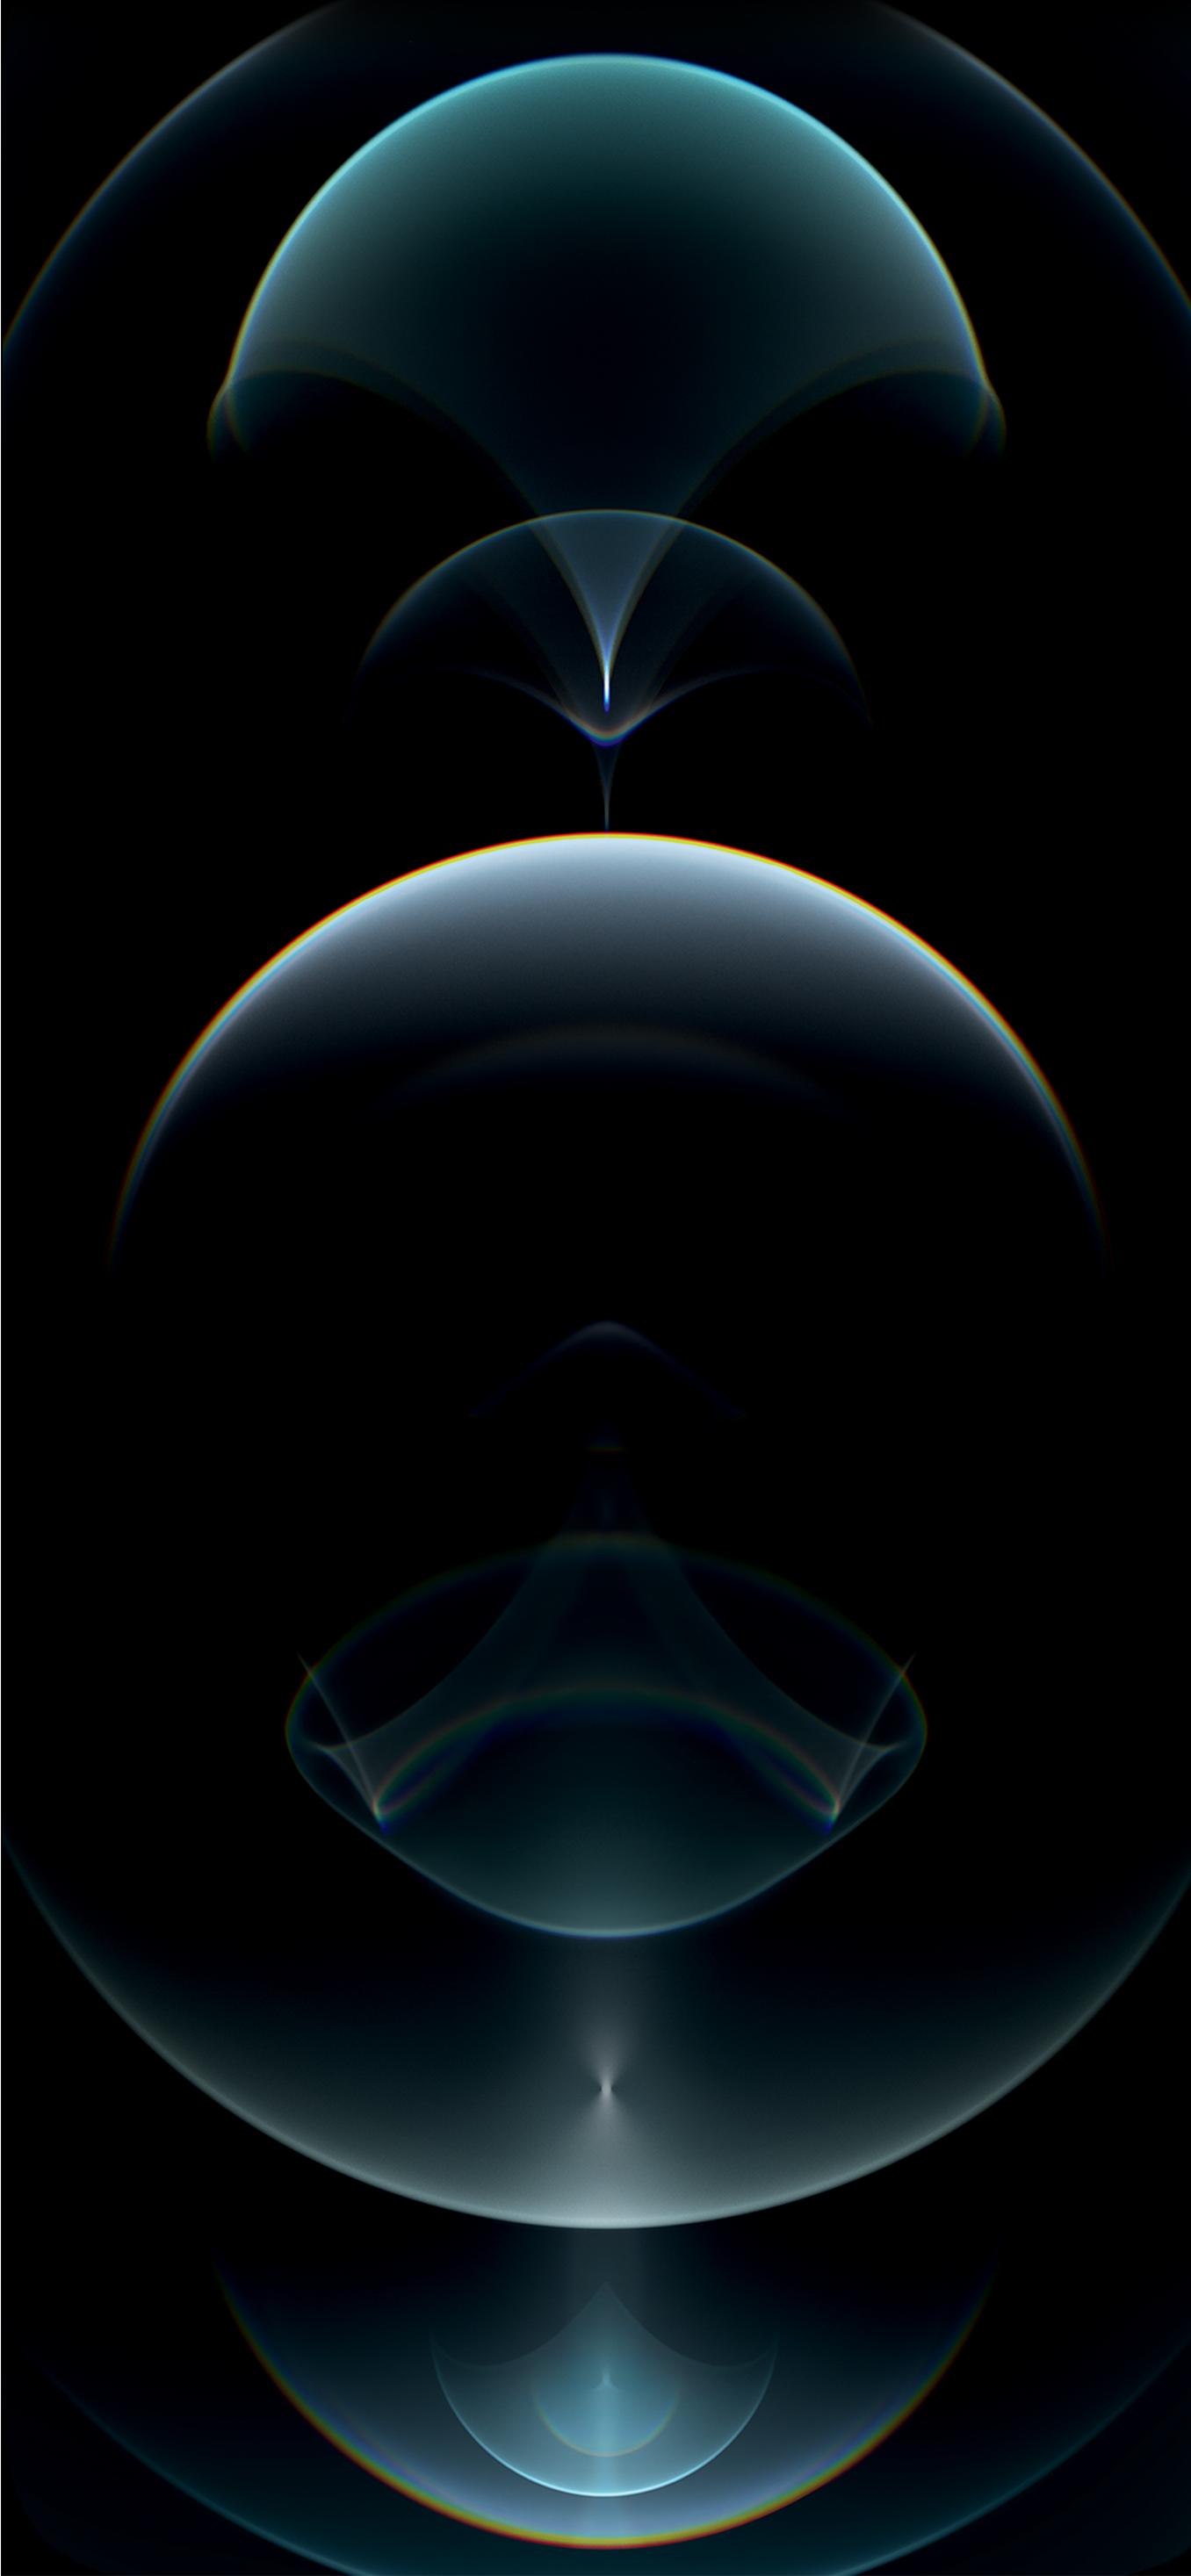 Iphone Wallpaper 2020 Duvar Kagitlari Duvar